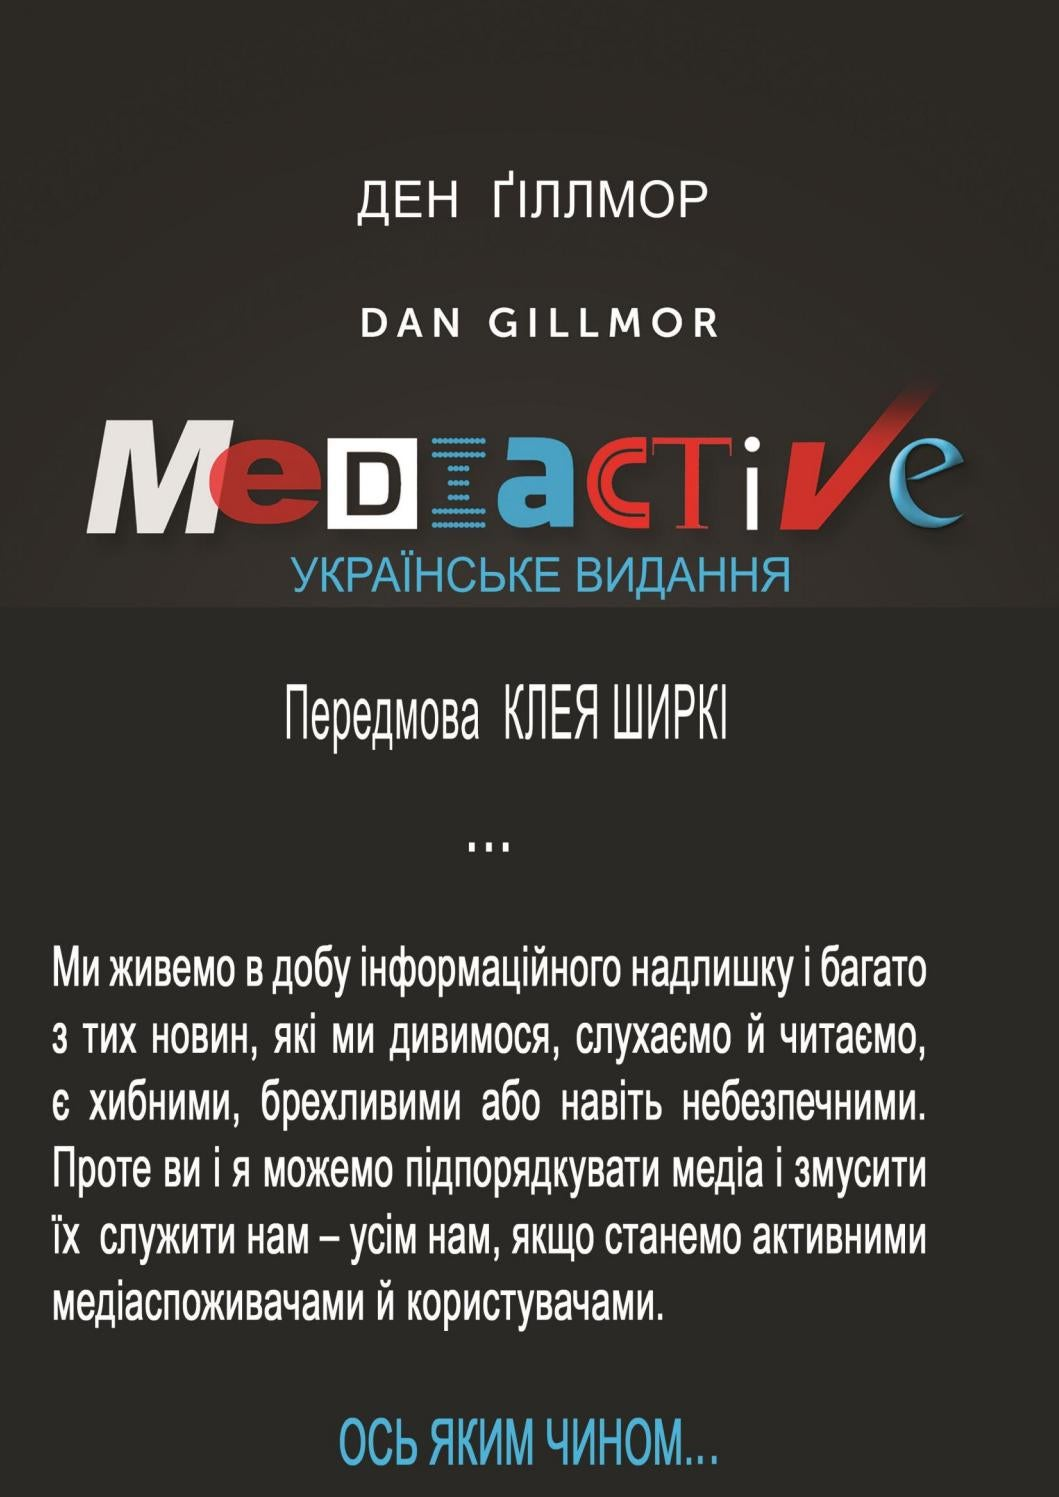 Ден Ґіллмор. Mediactive by Mailing - issuu c667772b141a3